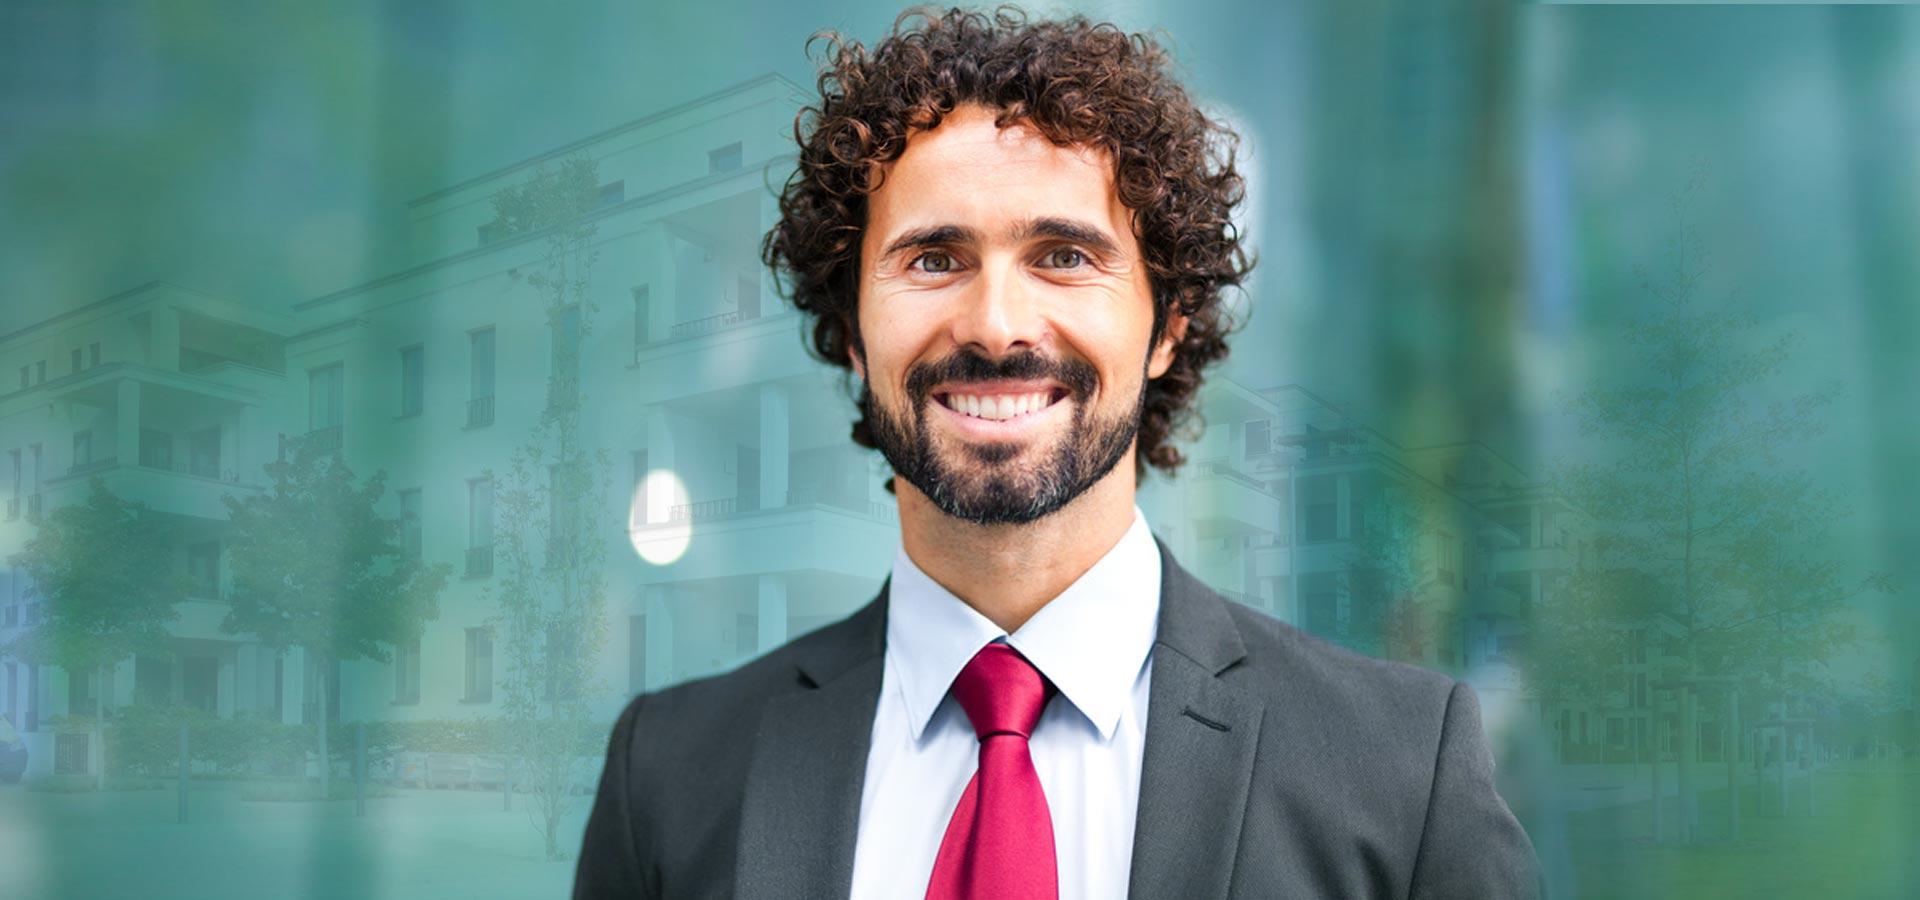 Kapitalanlage Immobilie Investor Interviews: Von der ersten Wohnung zur Million